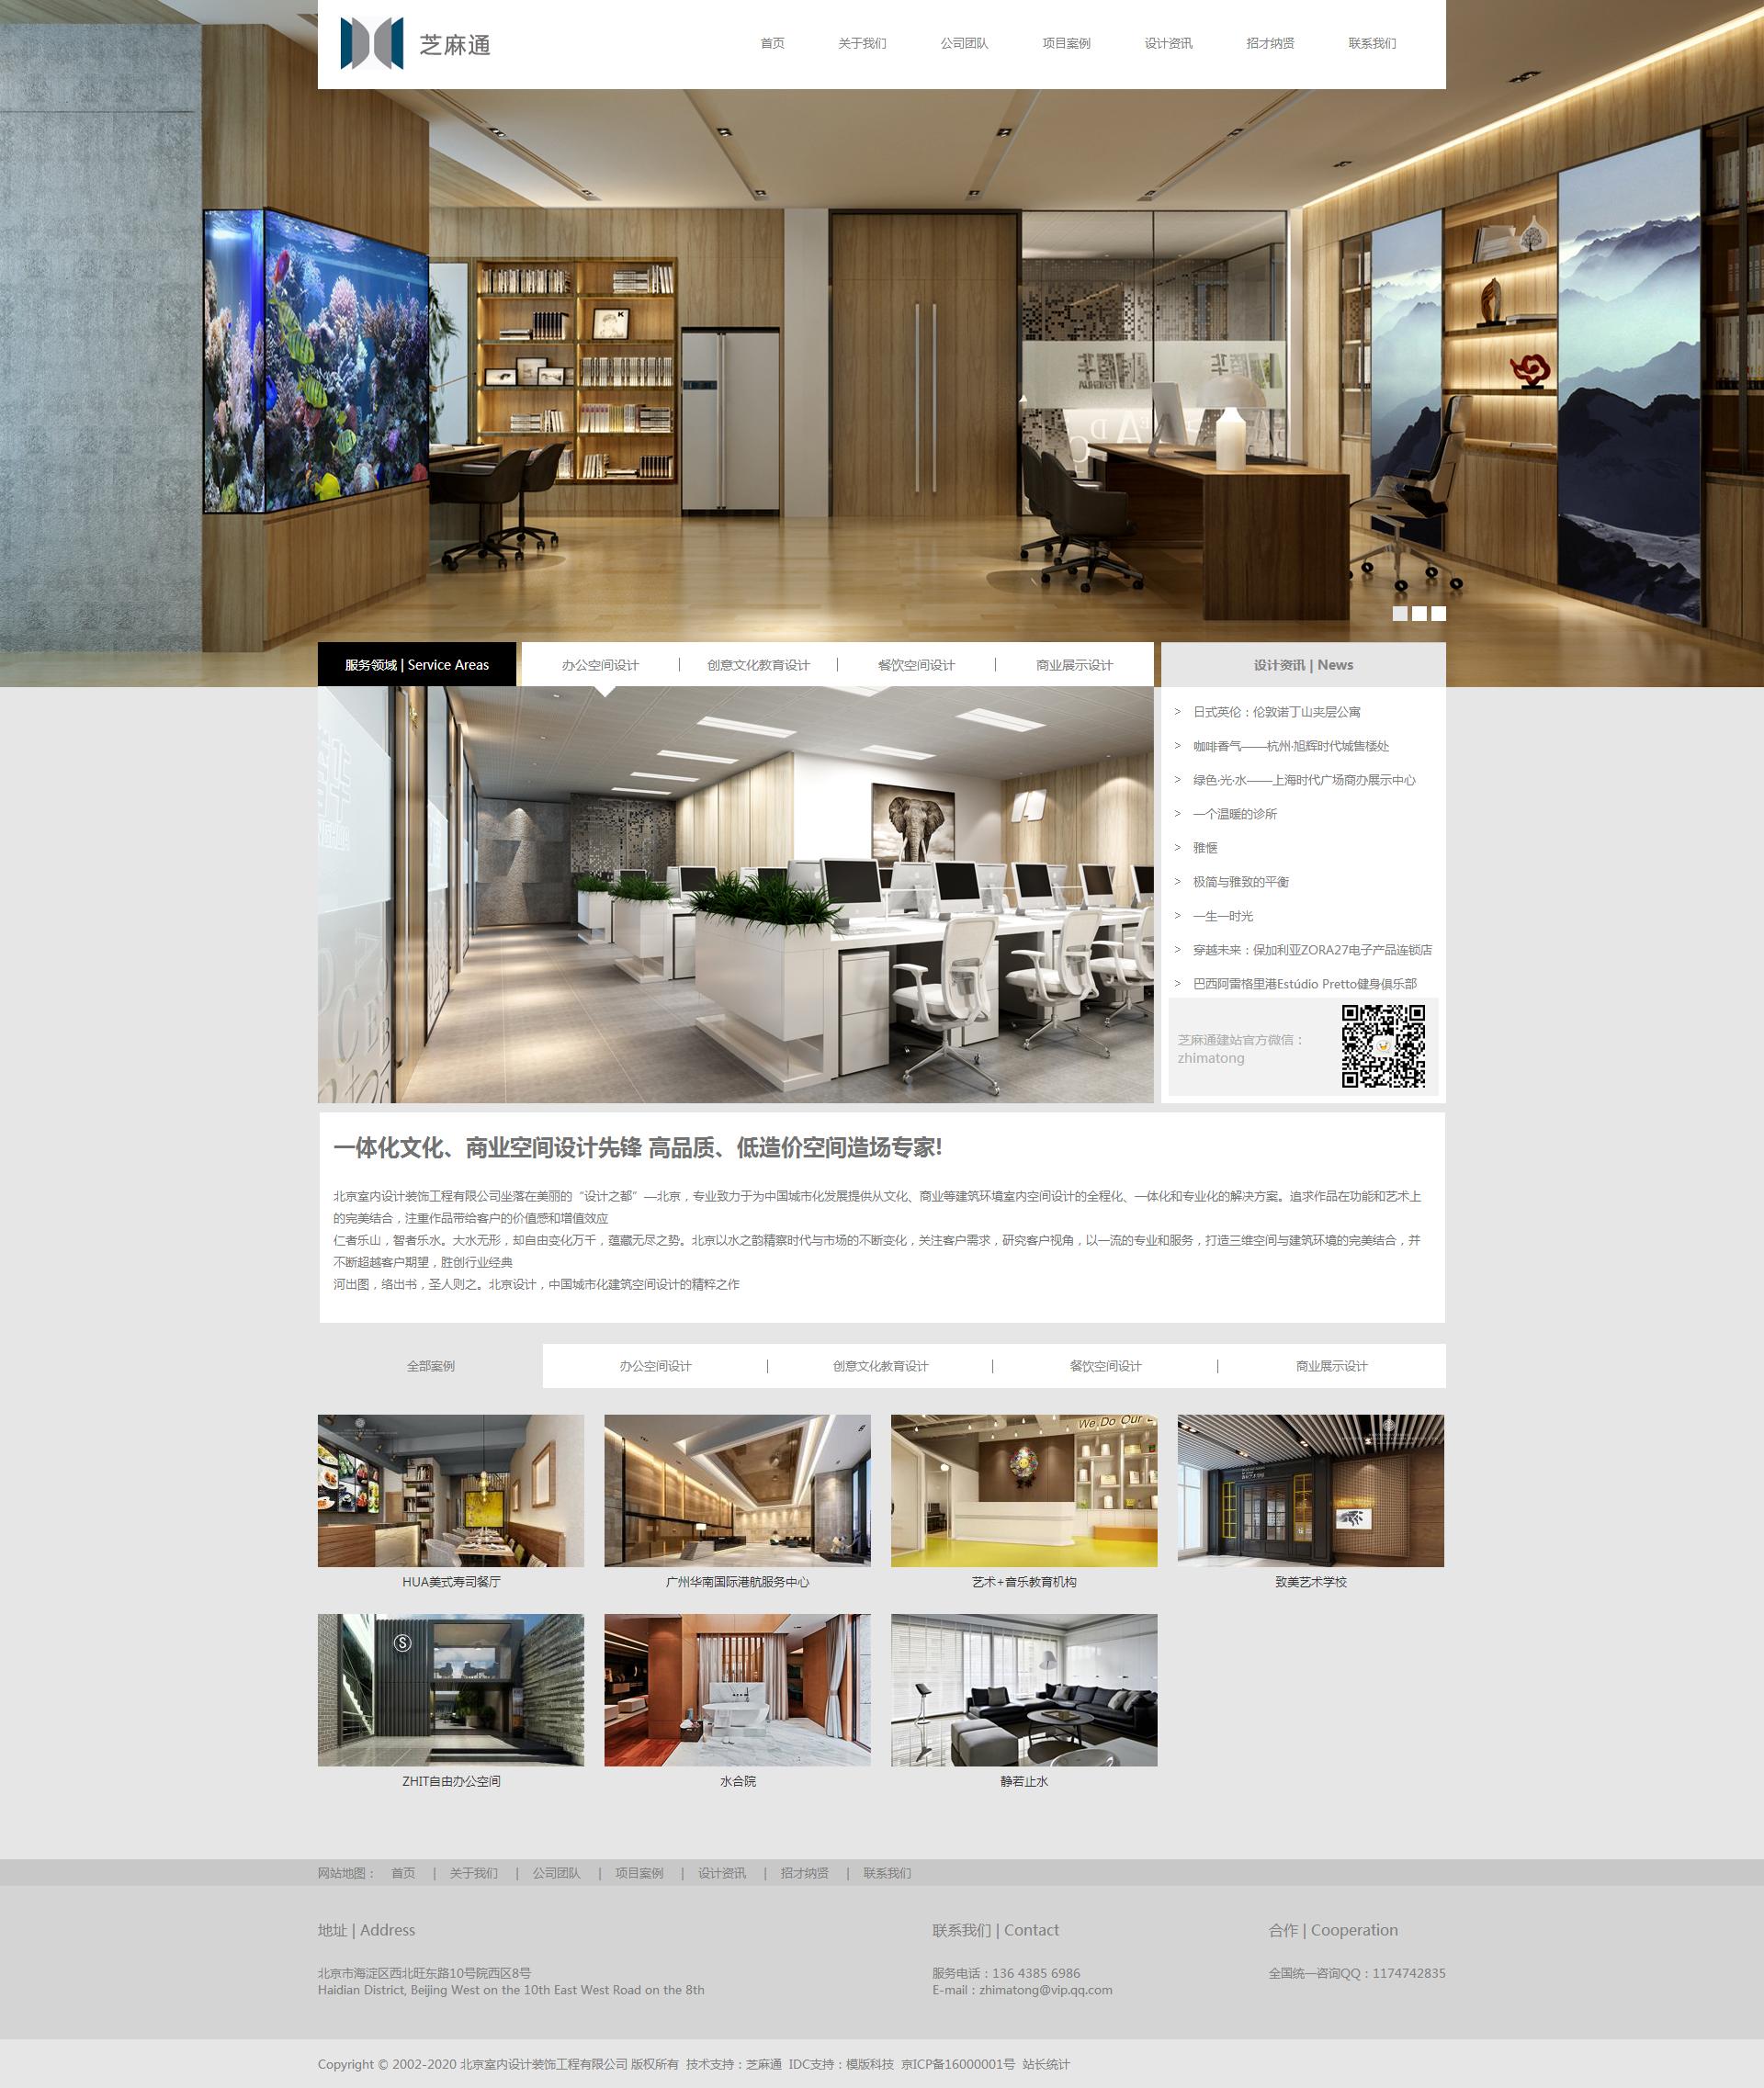 织梦极致简约室内设计行业公司官网模版dedecms整站源码完美无措